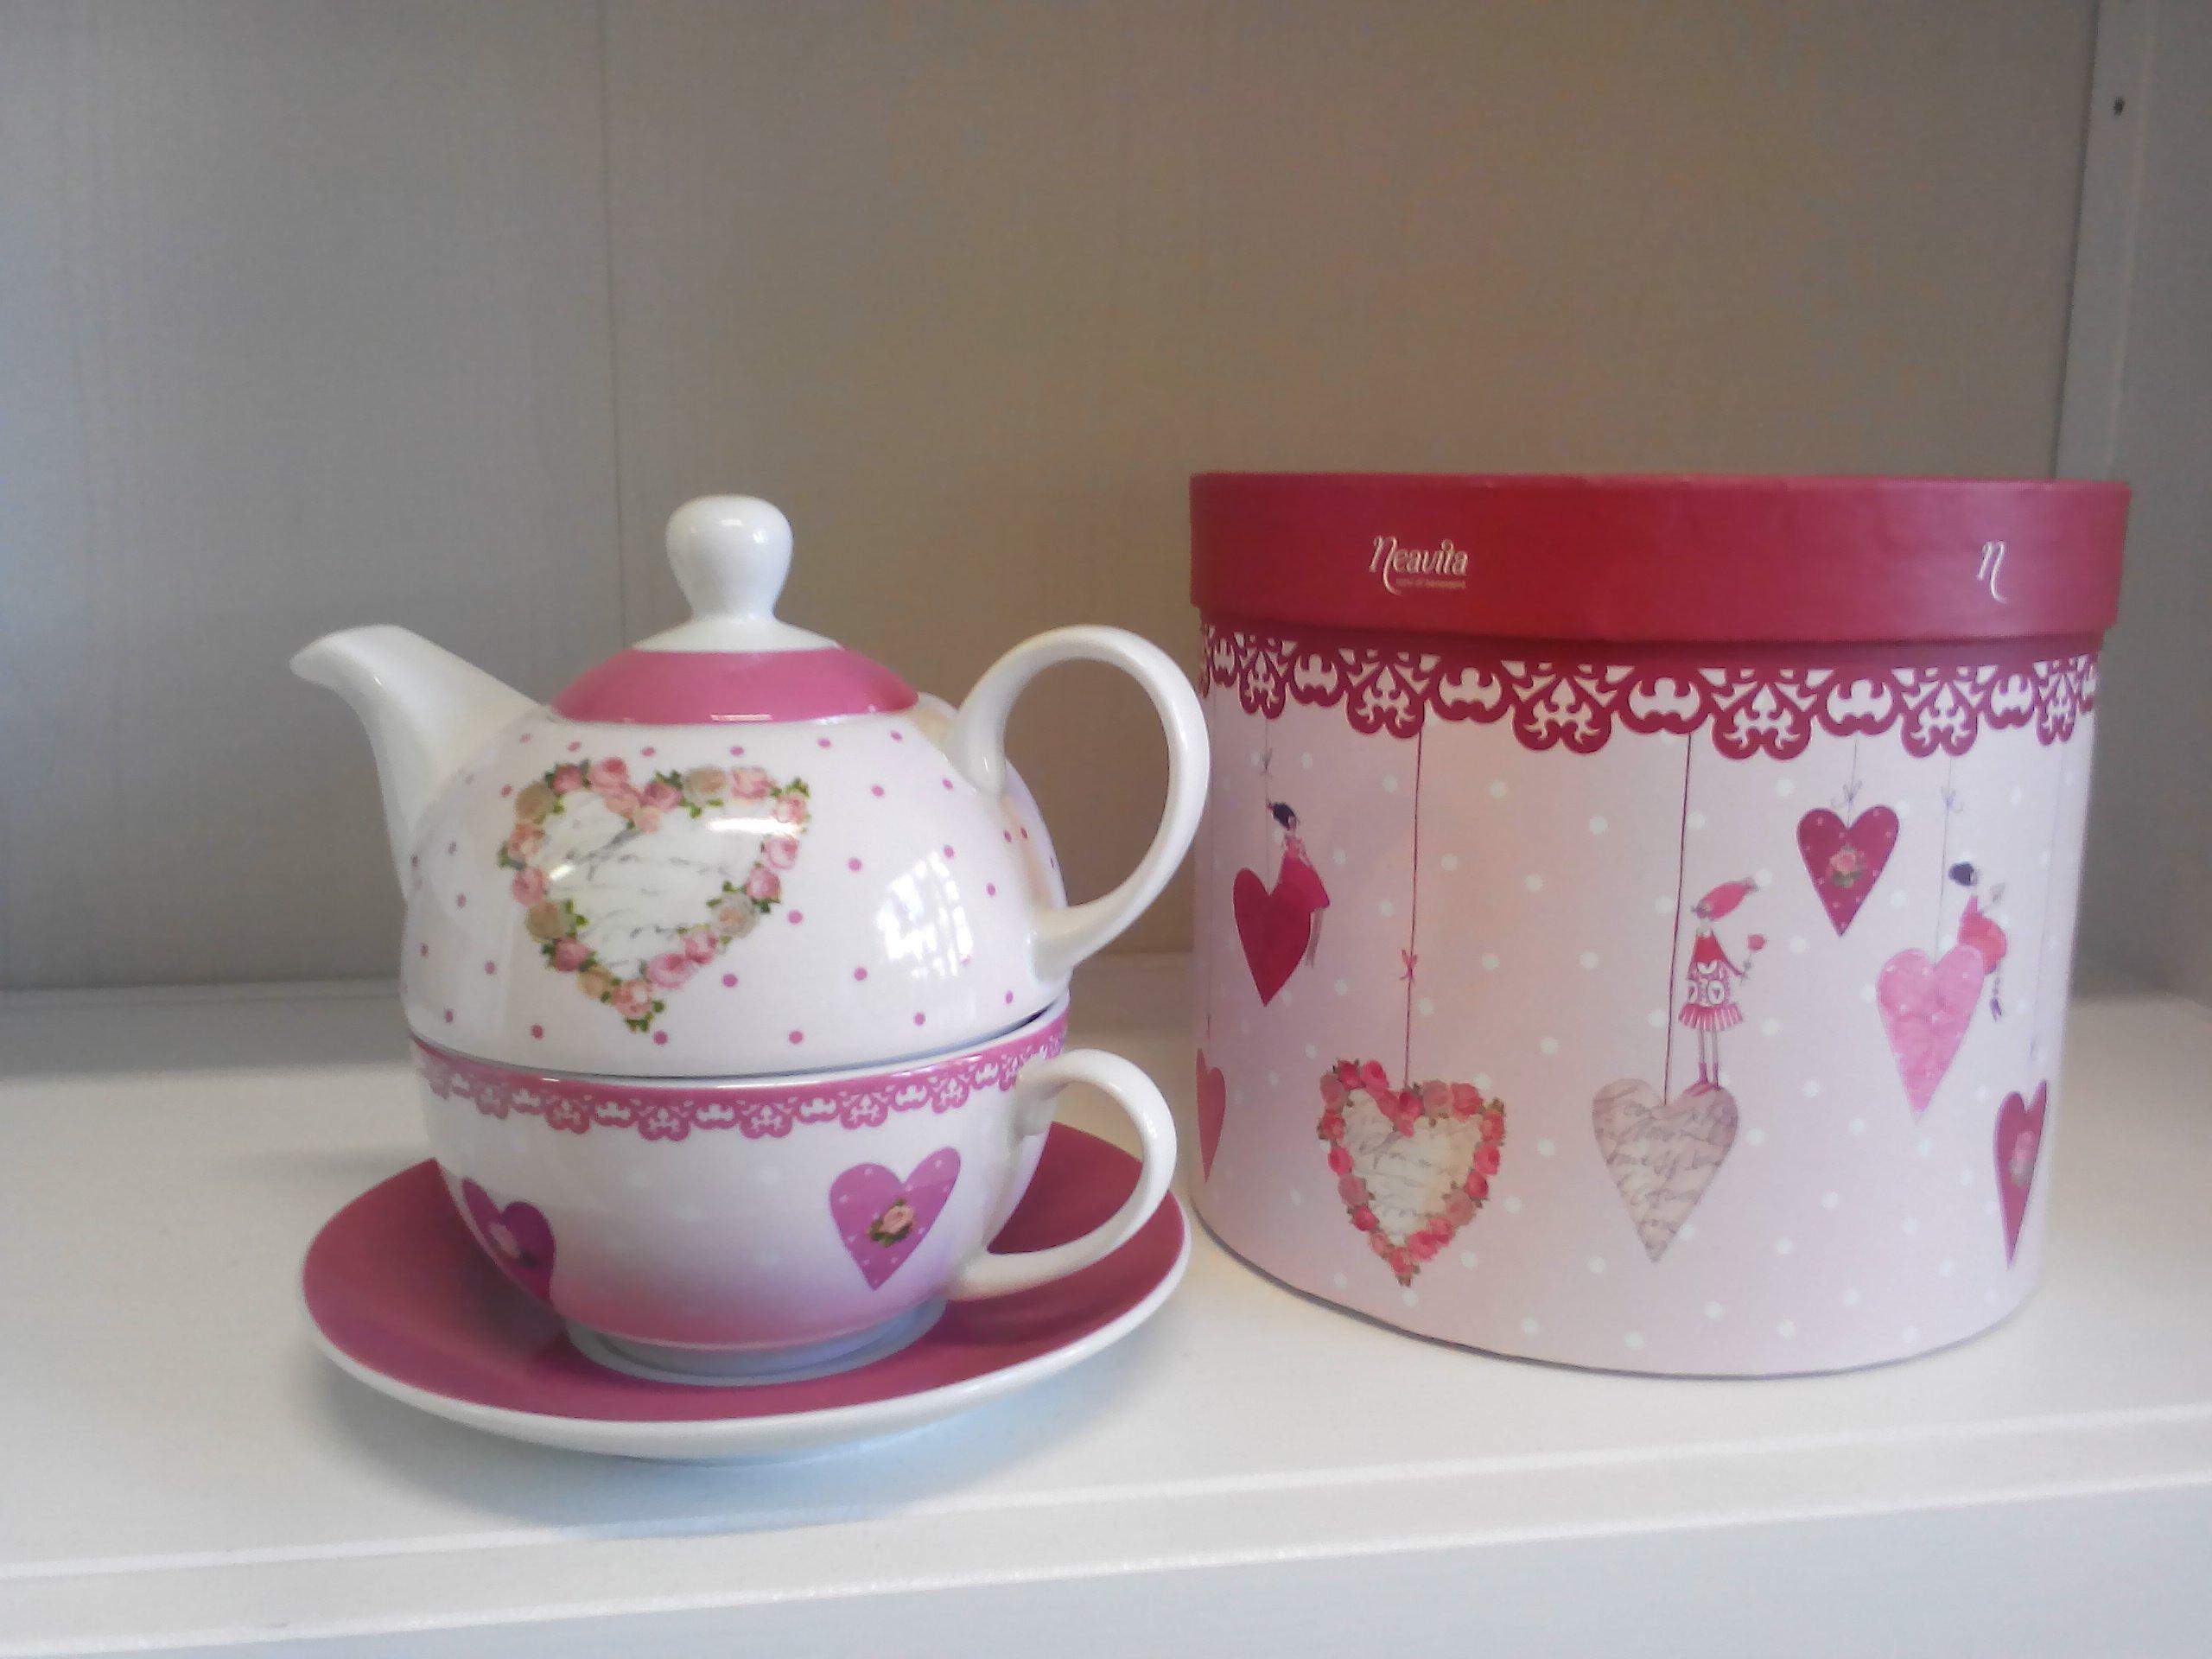 un teiera bianca  e una scatola a cuoricini rosa